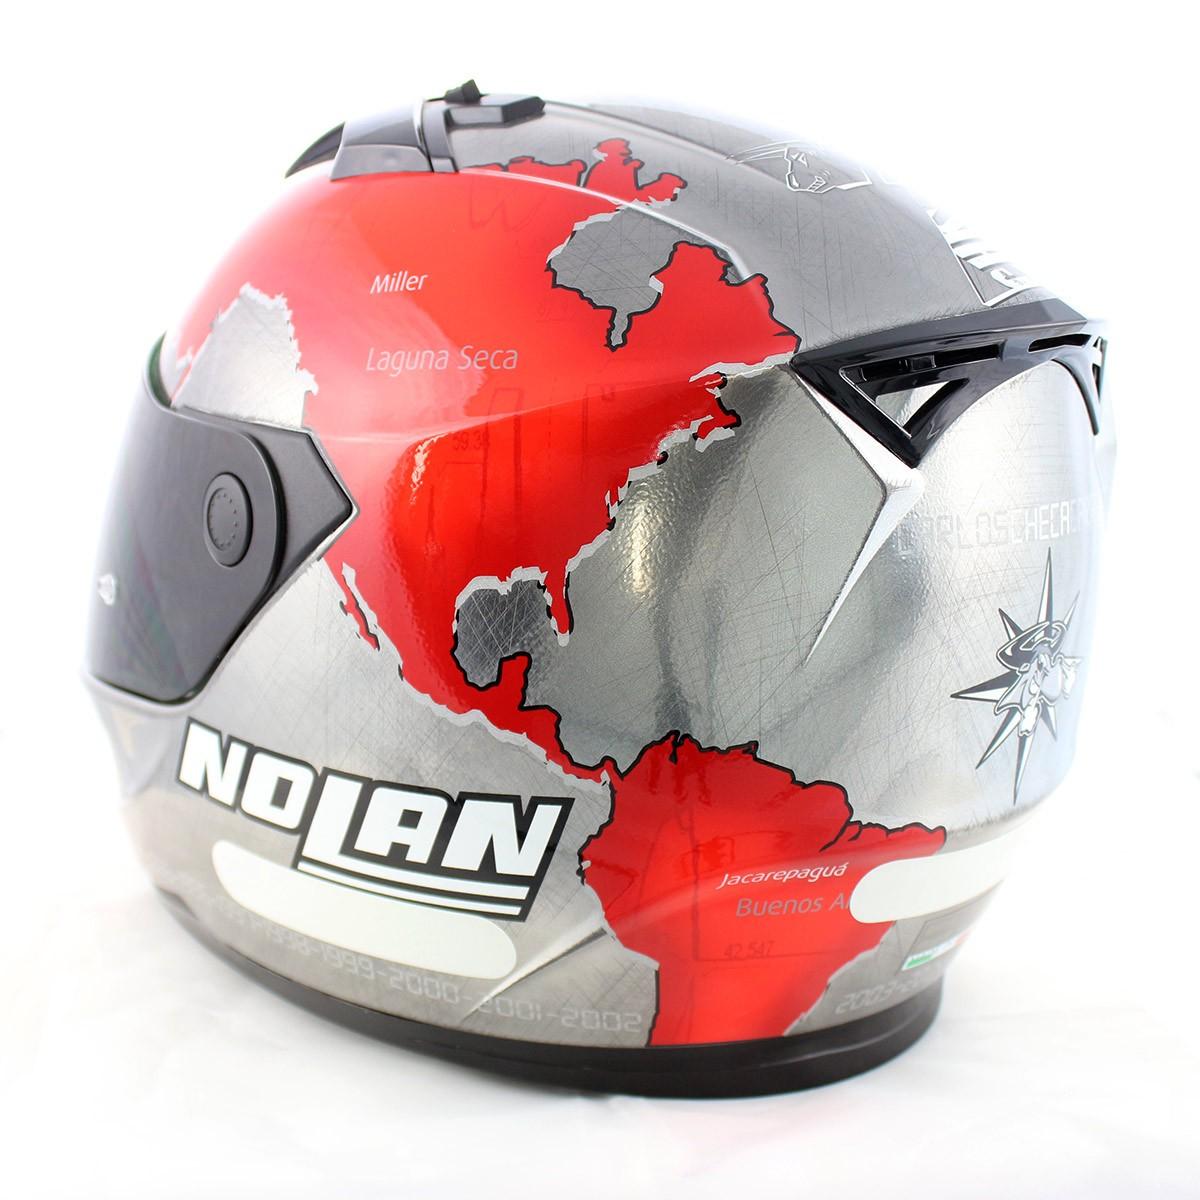 Capacete Nolan N64 Gemini Réplica C.Checca Scratched Chrome   - Planet Bike Shop Moto Acessórios